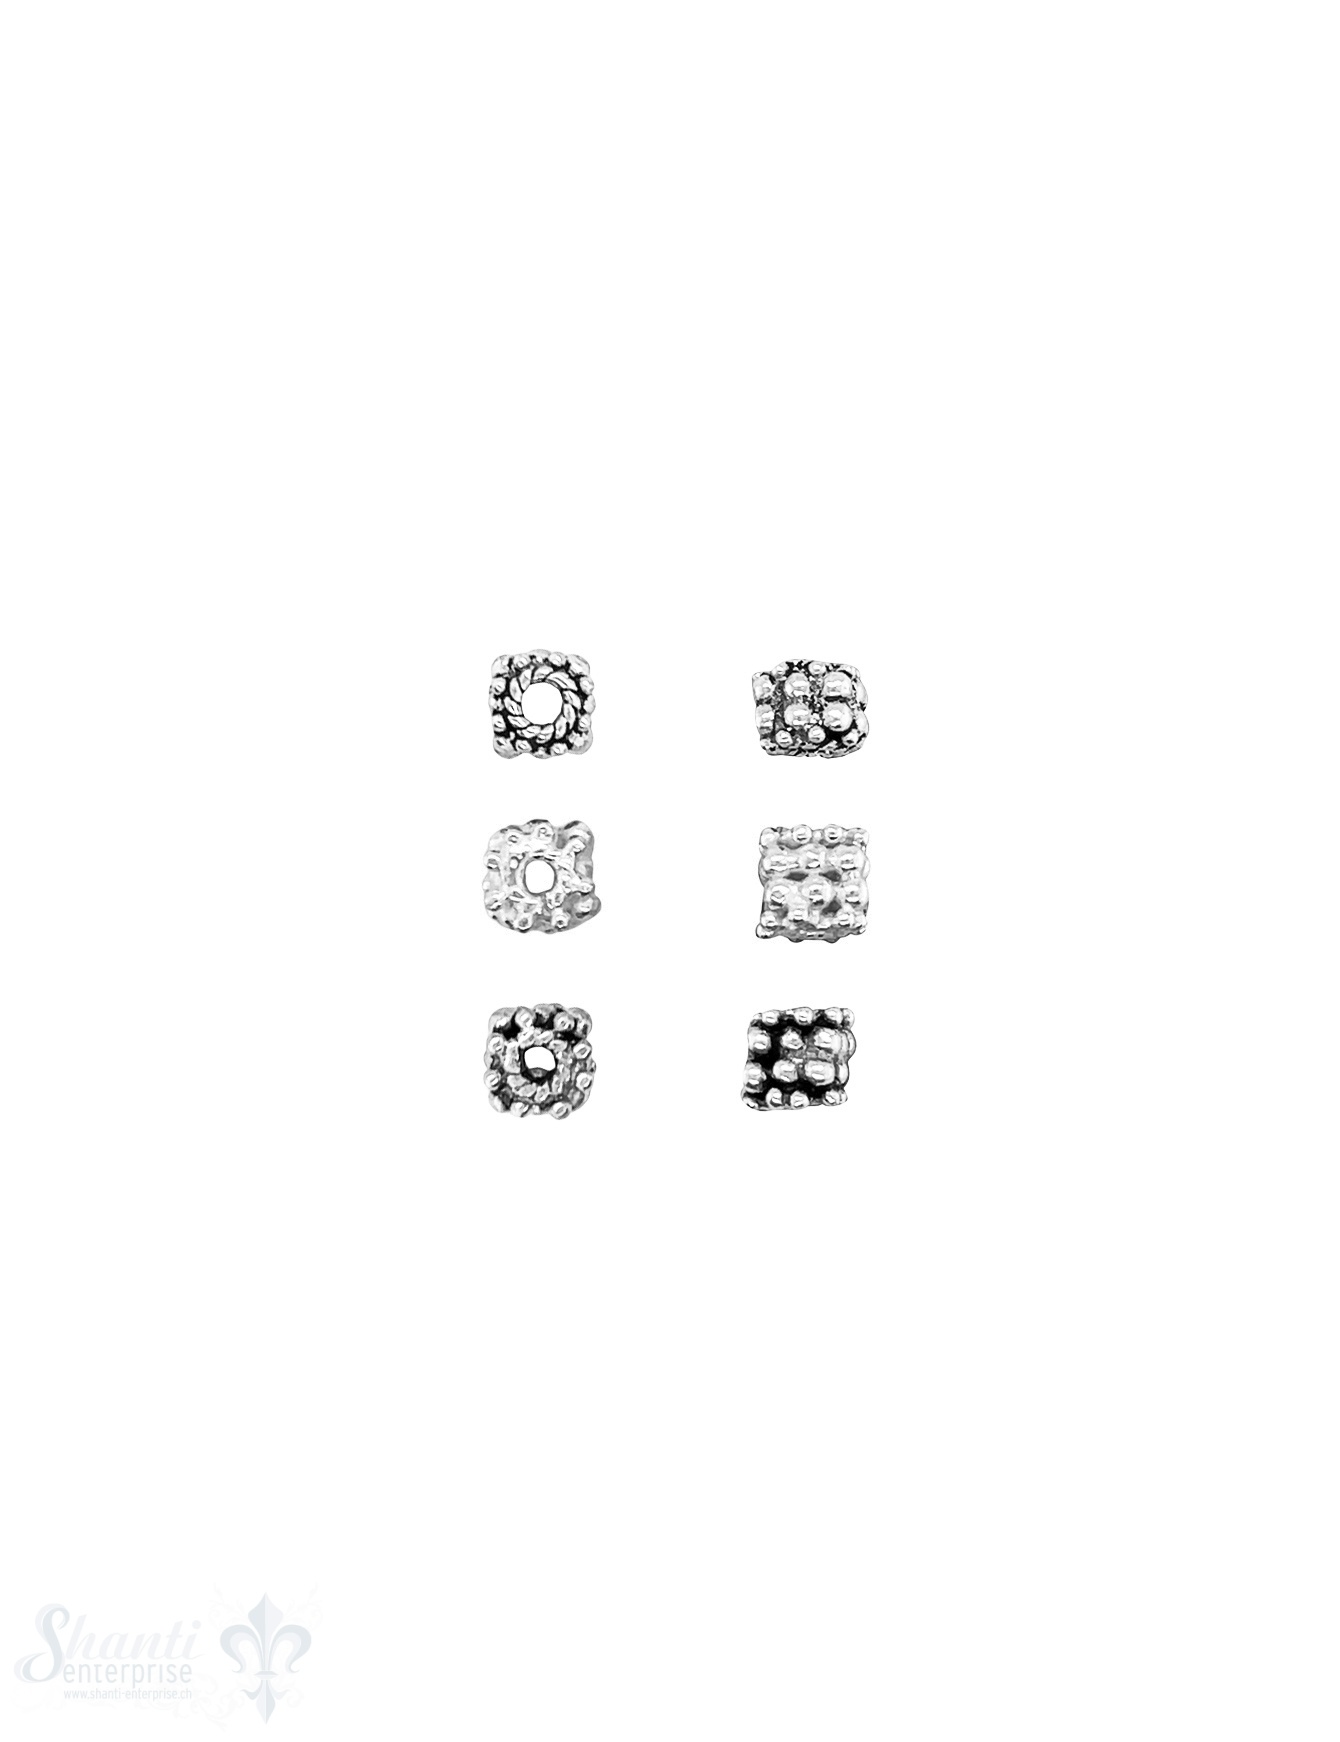 quadratisches Element  4 reihig gepunktet Silber